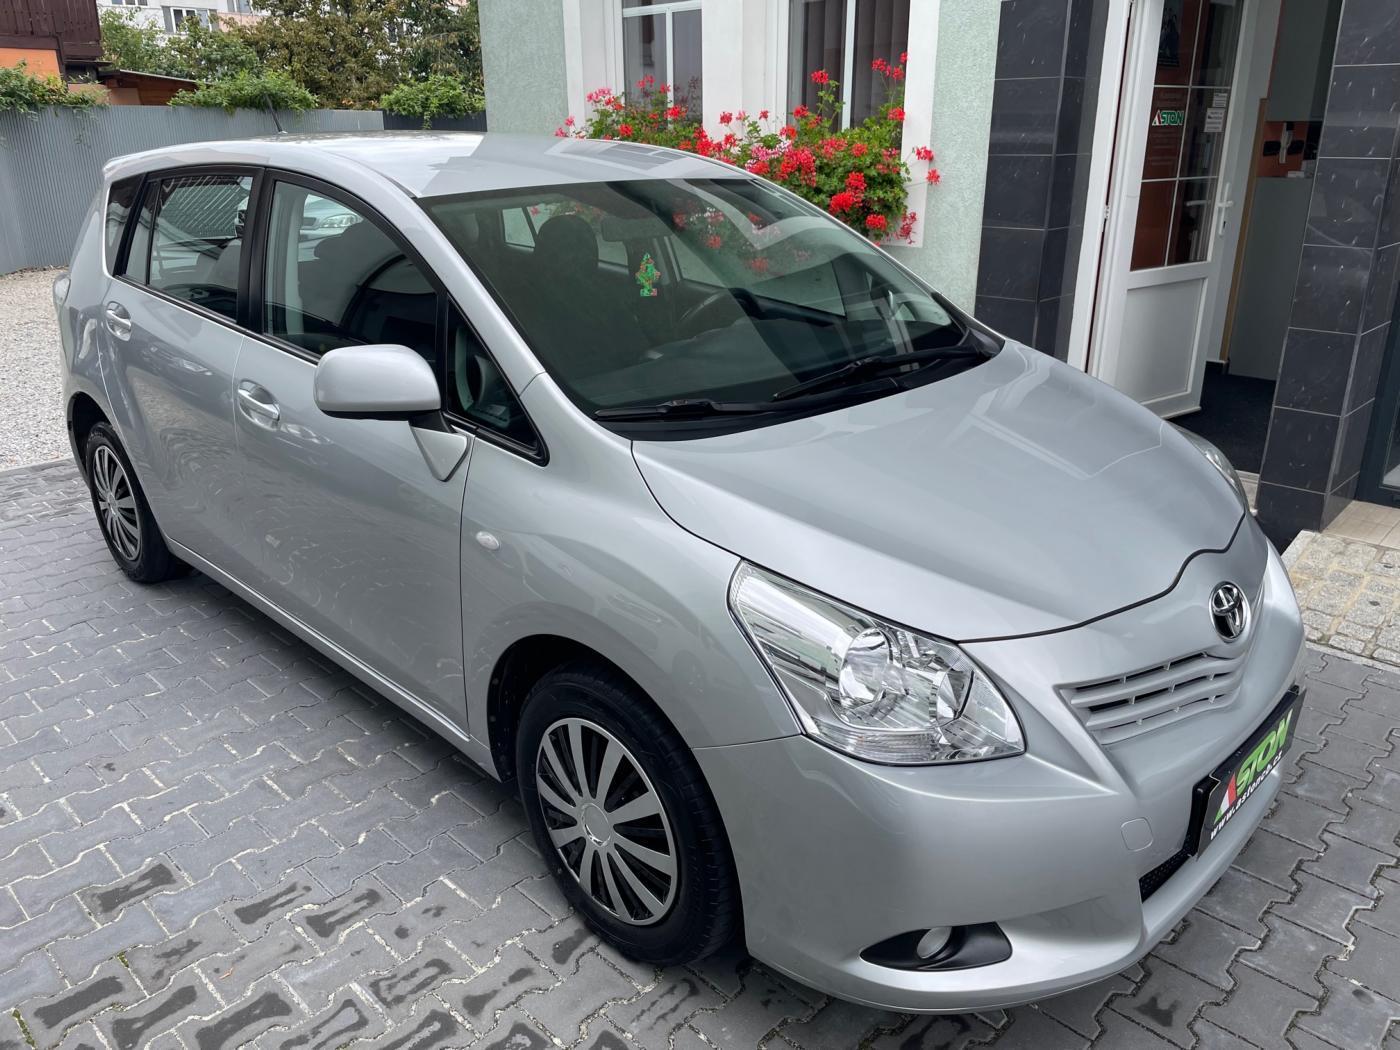 Toyota Verso 1,8 VVTi,108 kW, 7 míst, serviska MPV